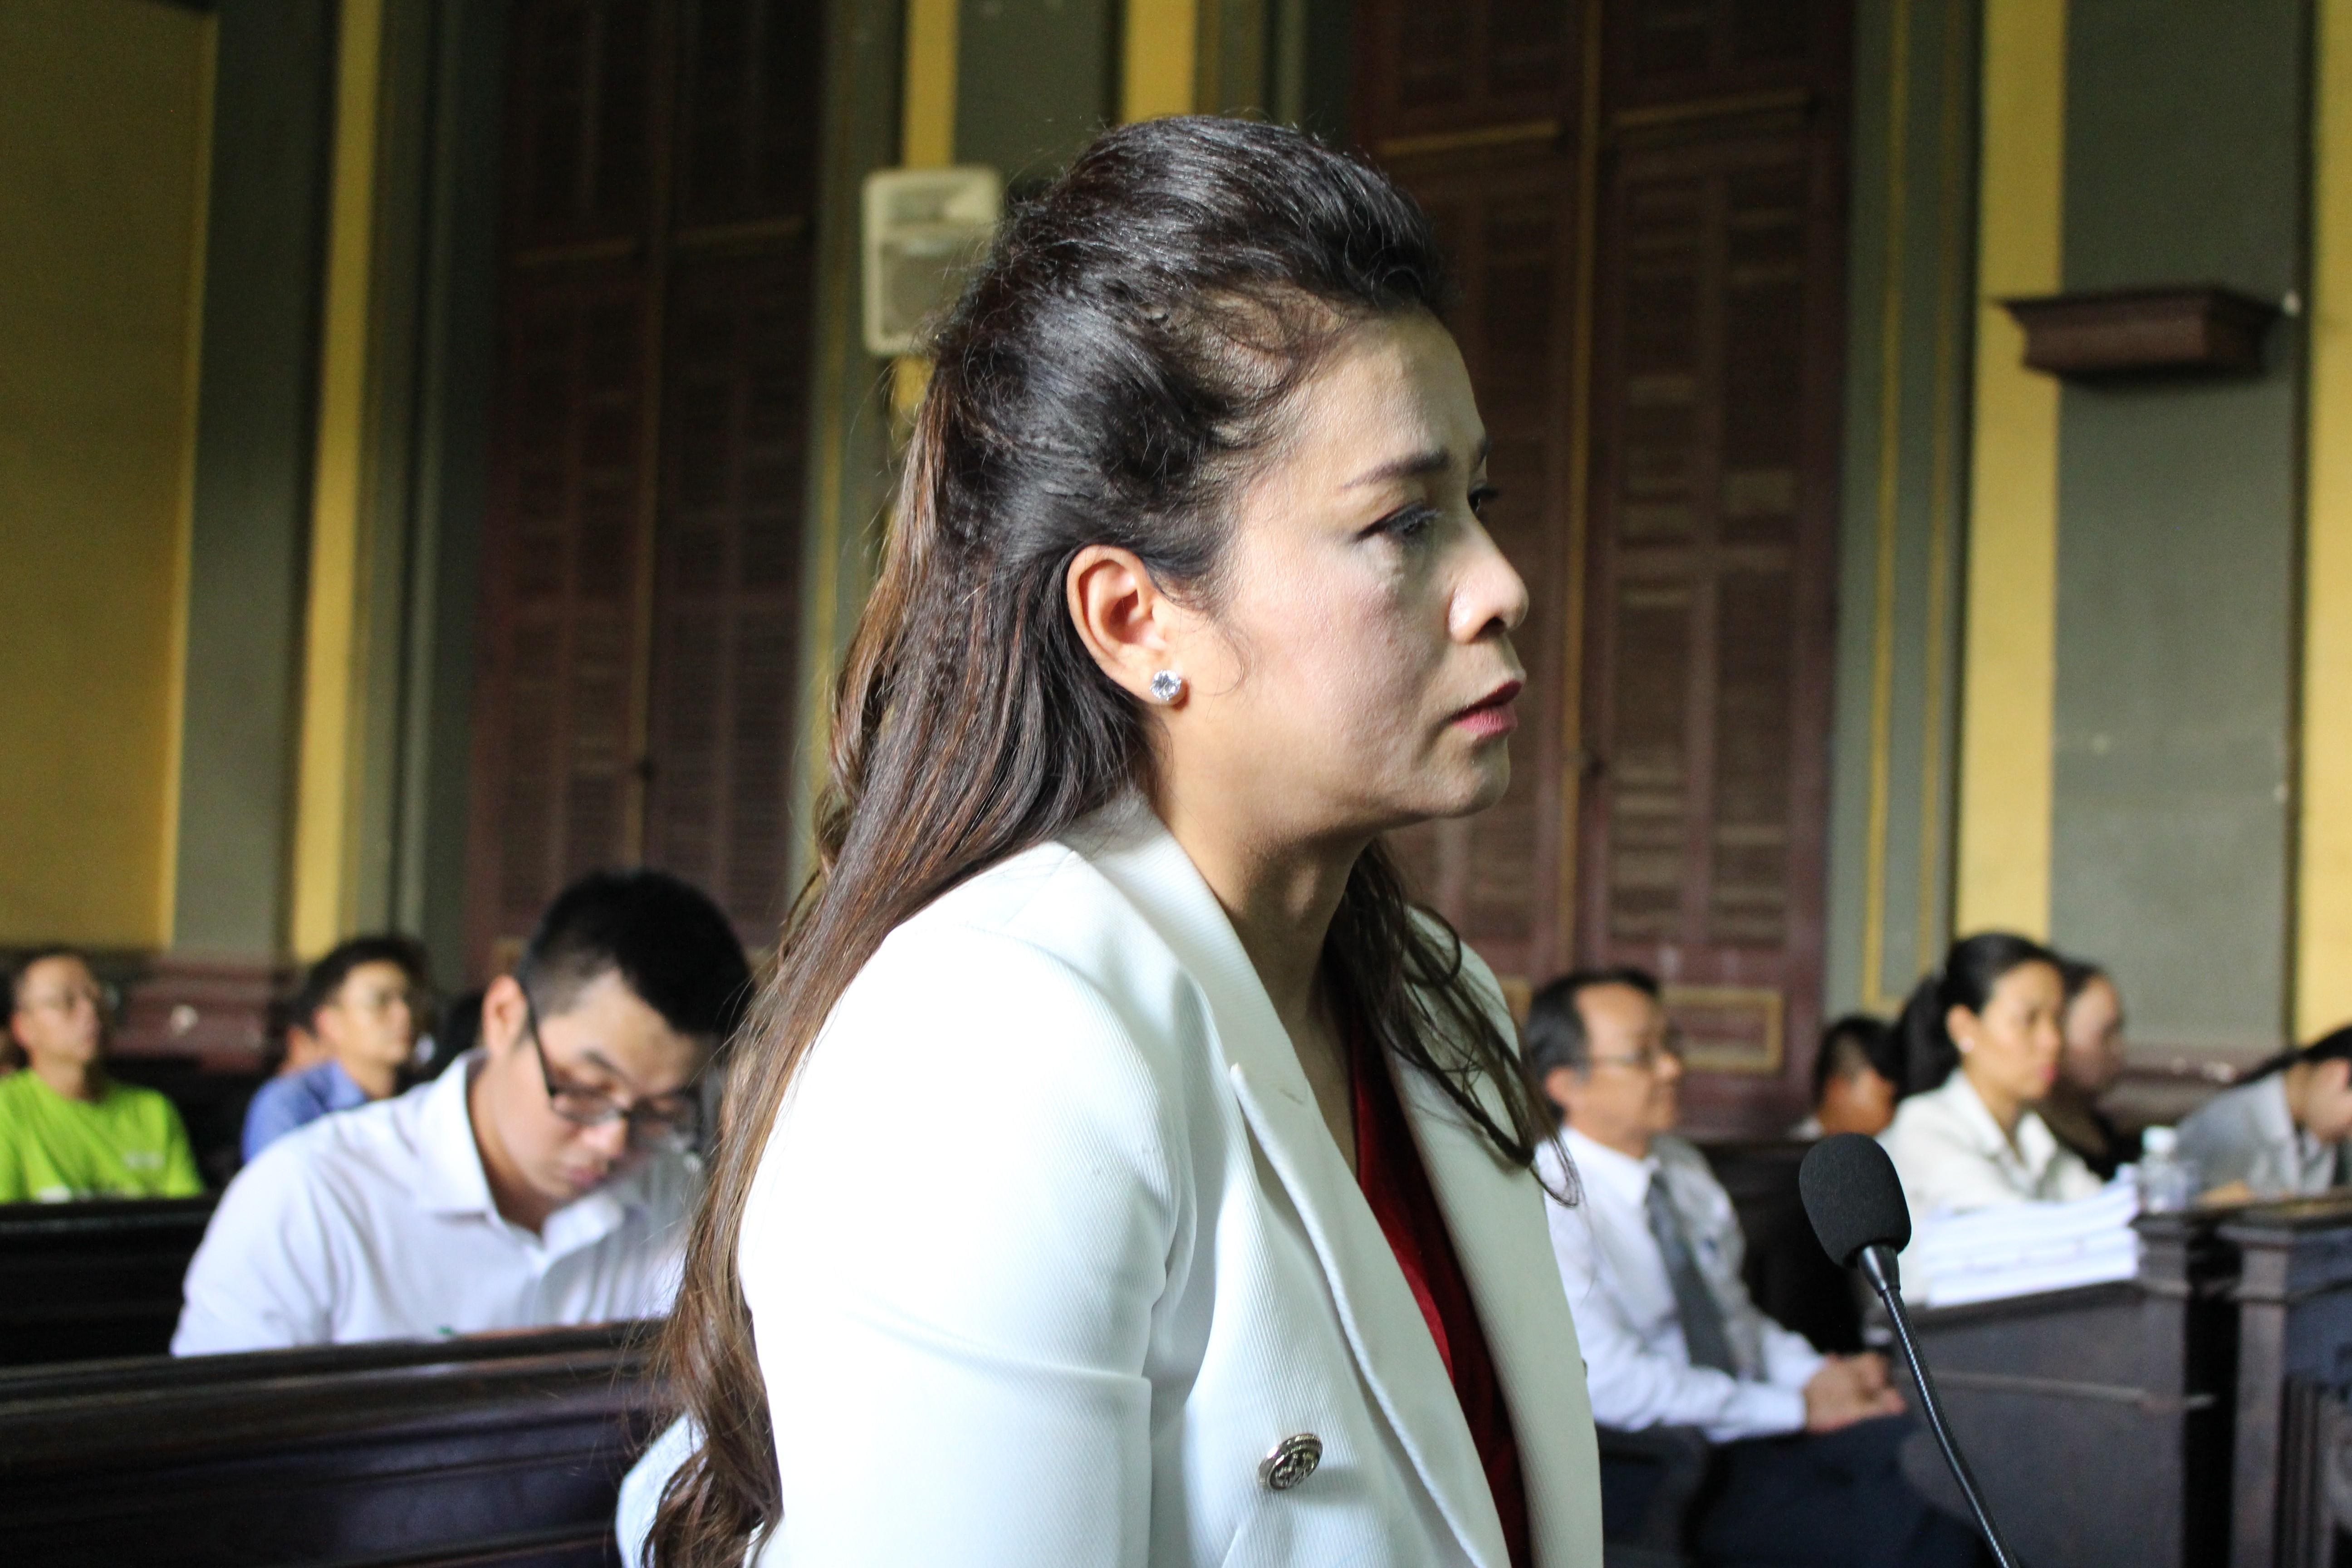 Ồn ào quanh vụ ly hôn của 'vua cà phê' Trung Nguyên: Cả vợ cả chồng đều đã thua rồi... Ảnh 2